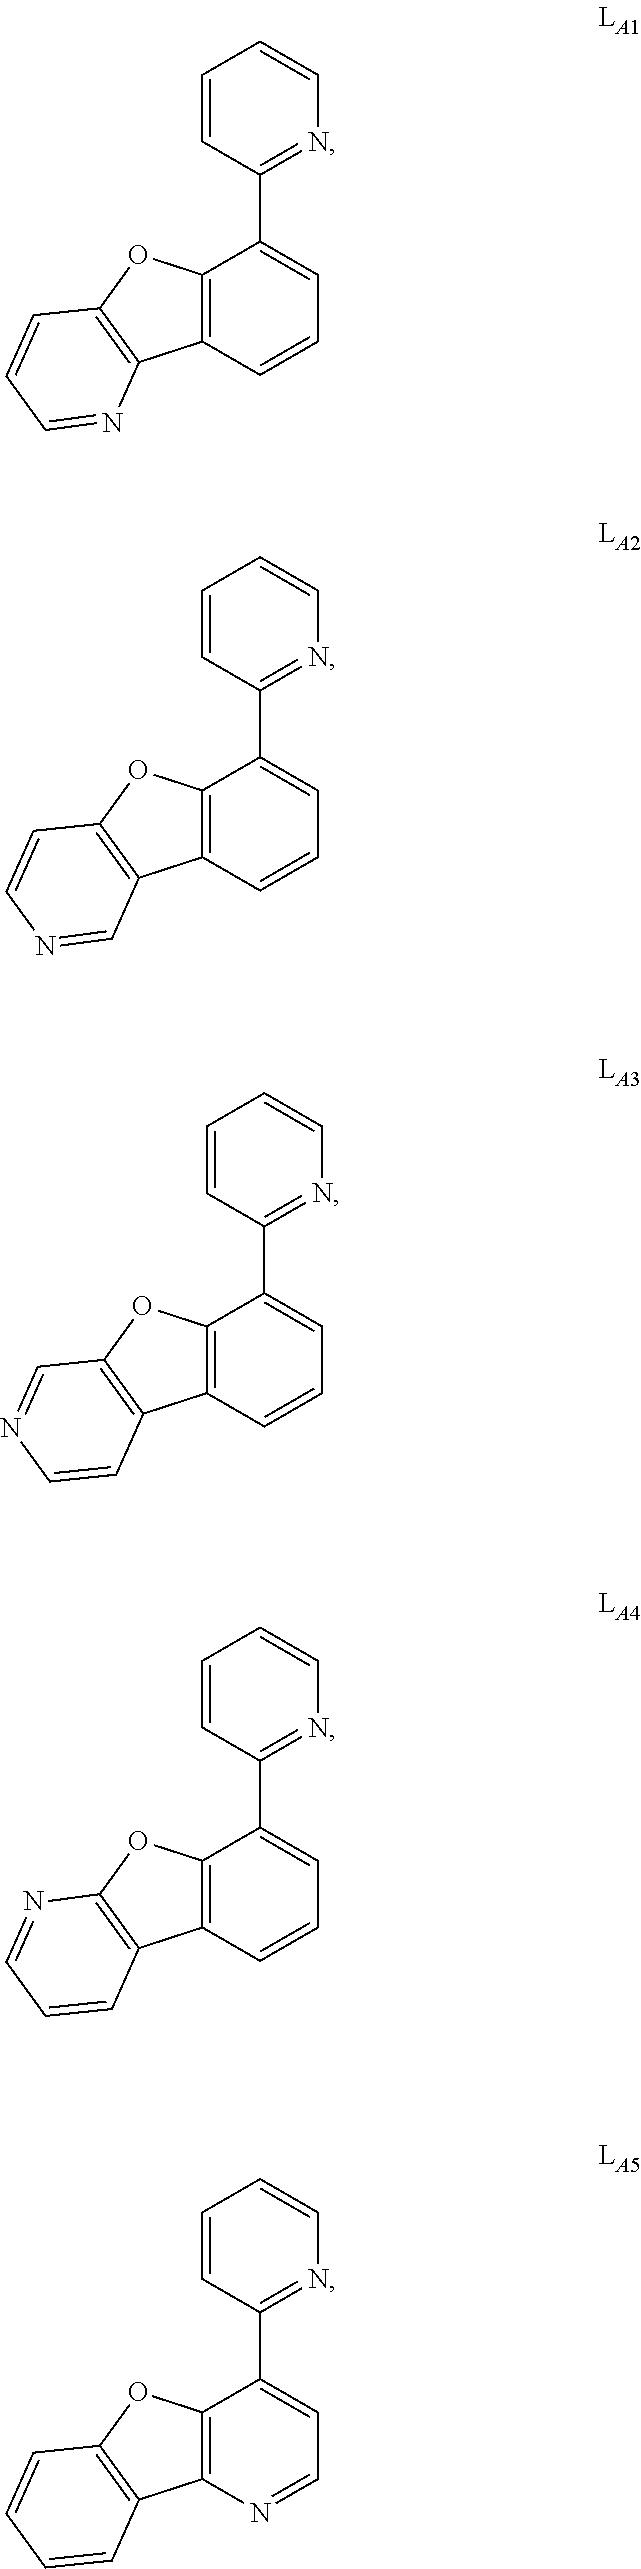 Figure US09634264-20170425-C00049